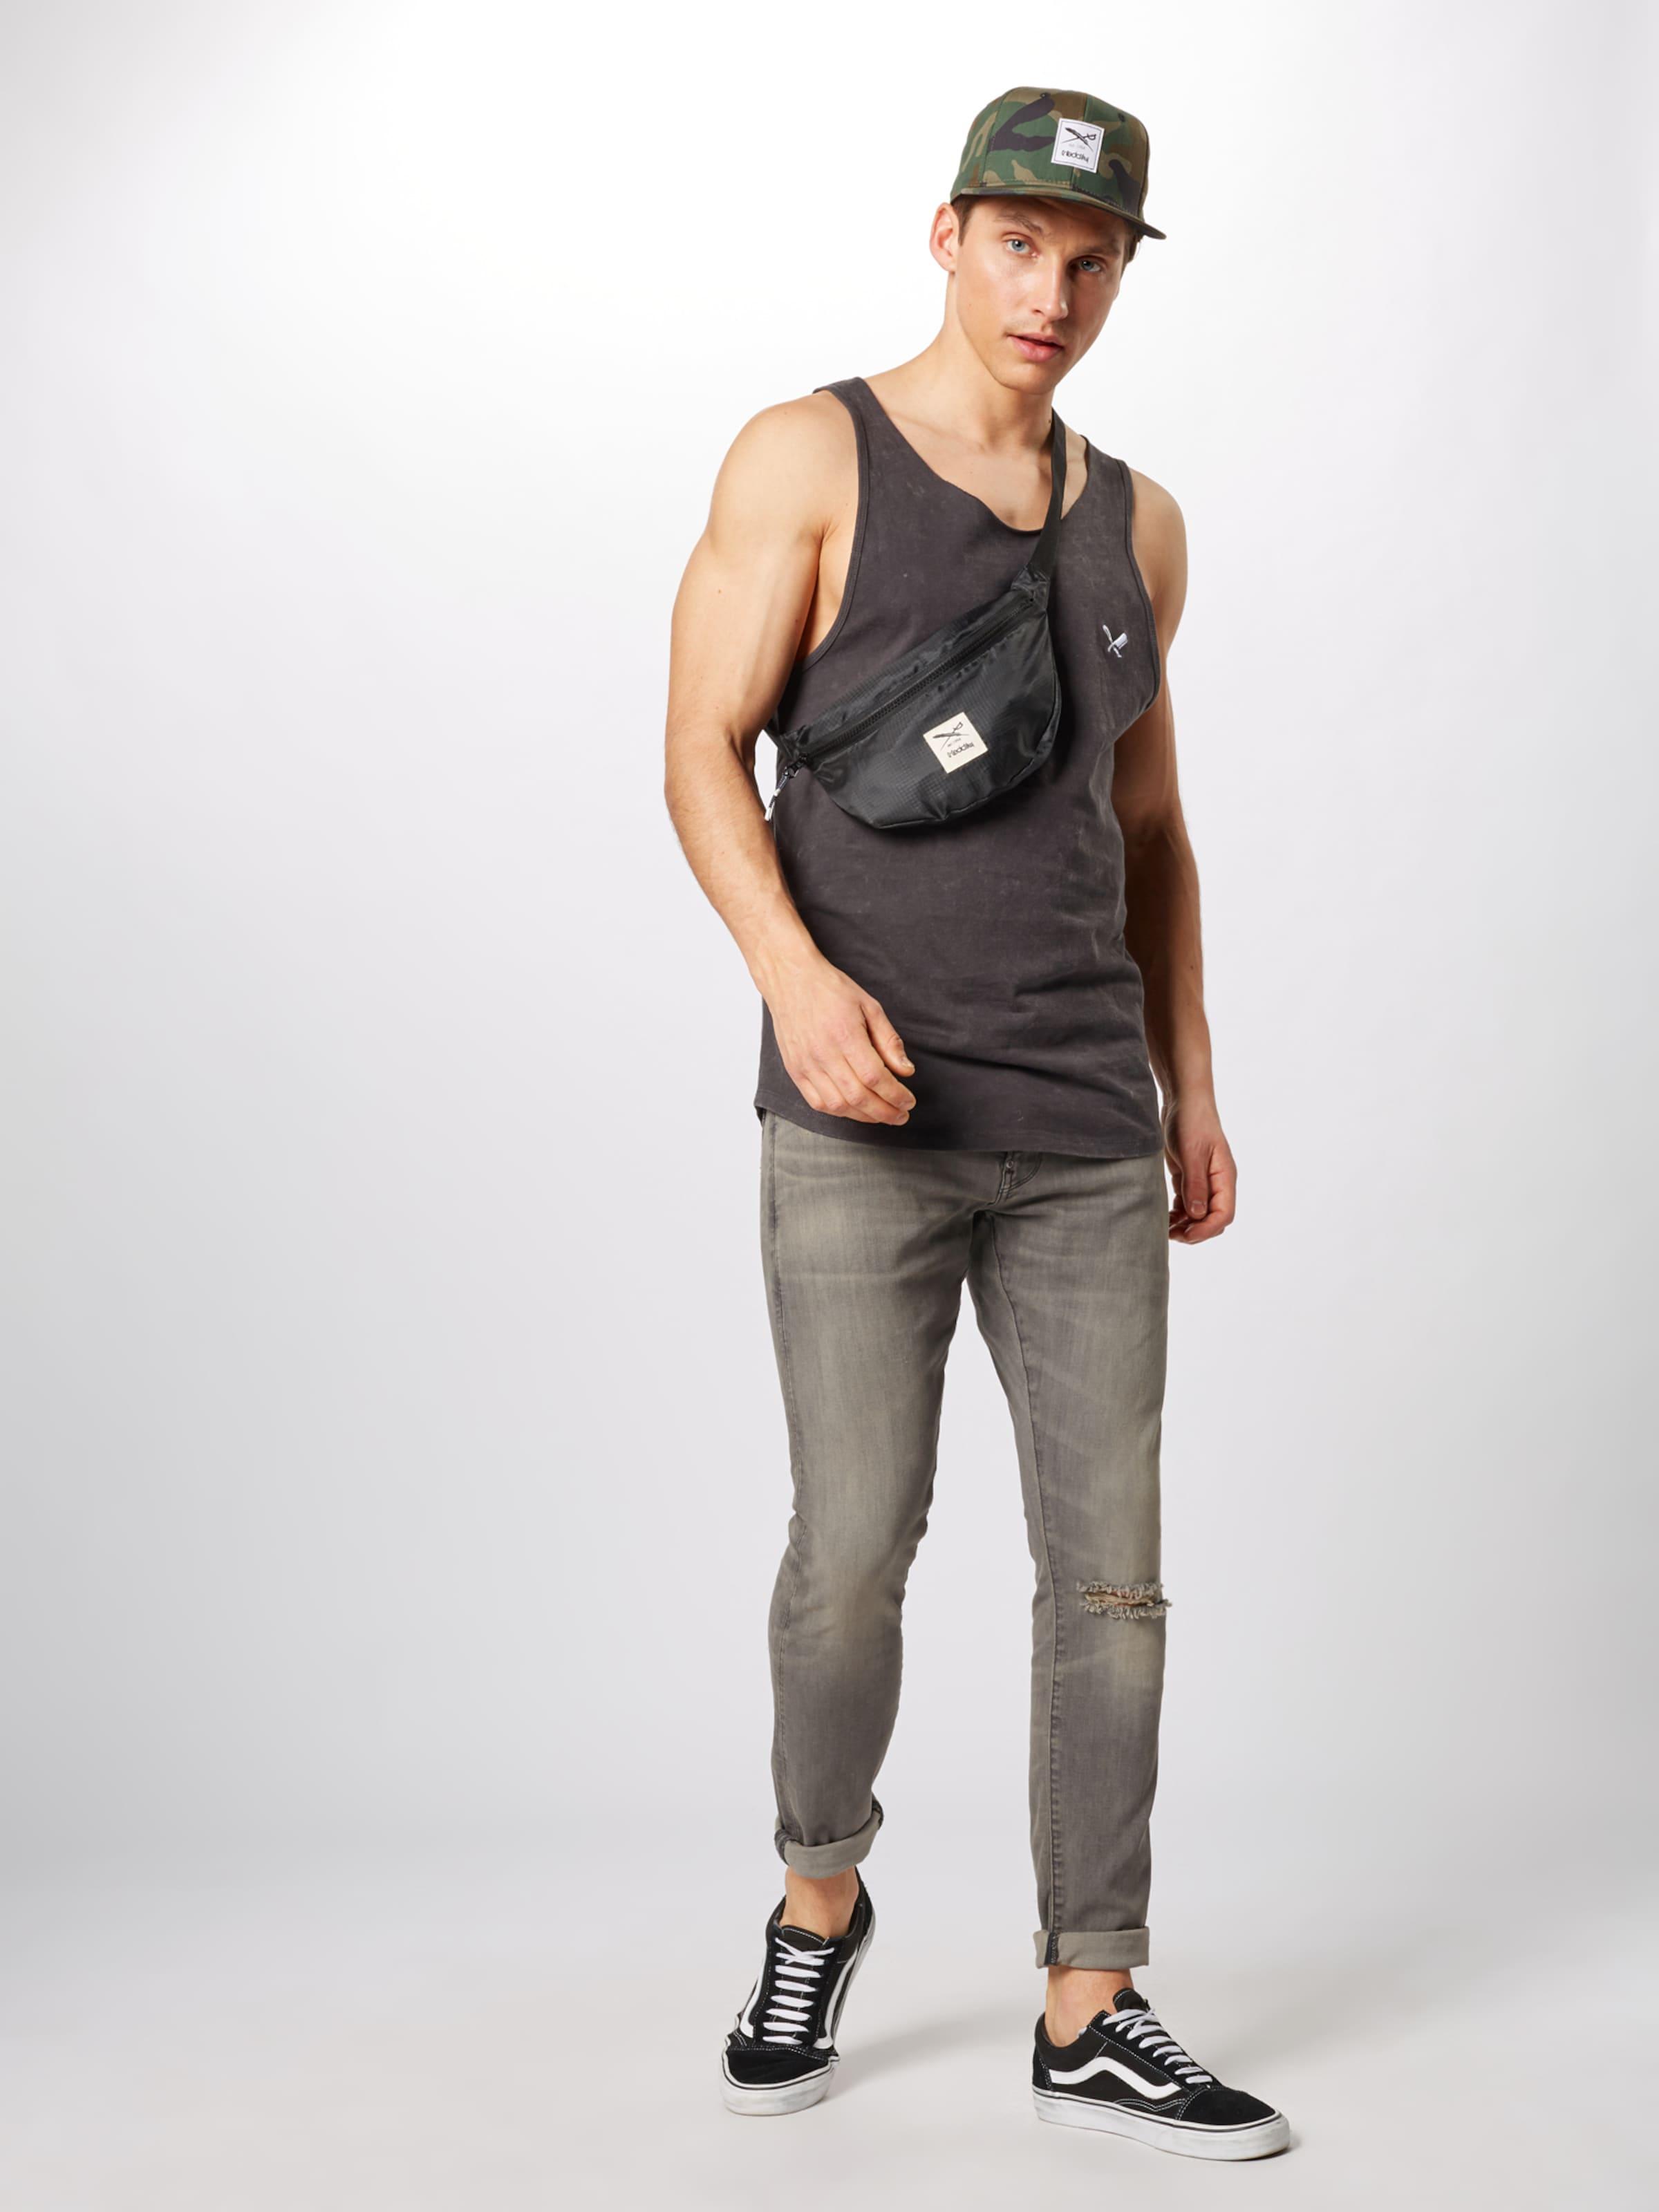 Blades' Distortedpeople Shirt 'inked In SchwarzWeiß 6vImYbf7gy